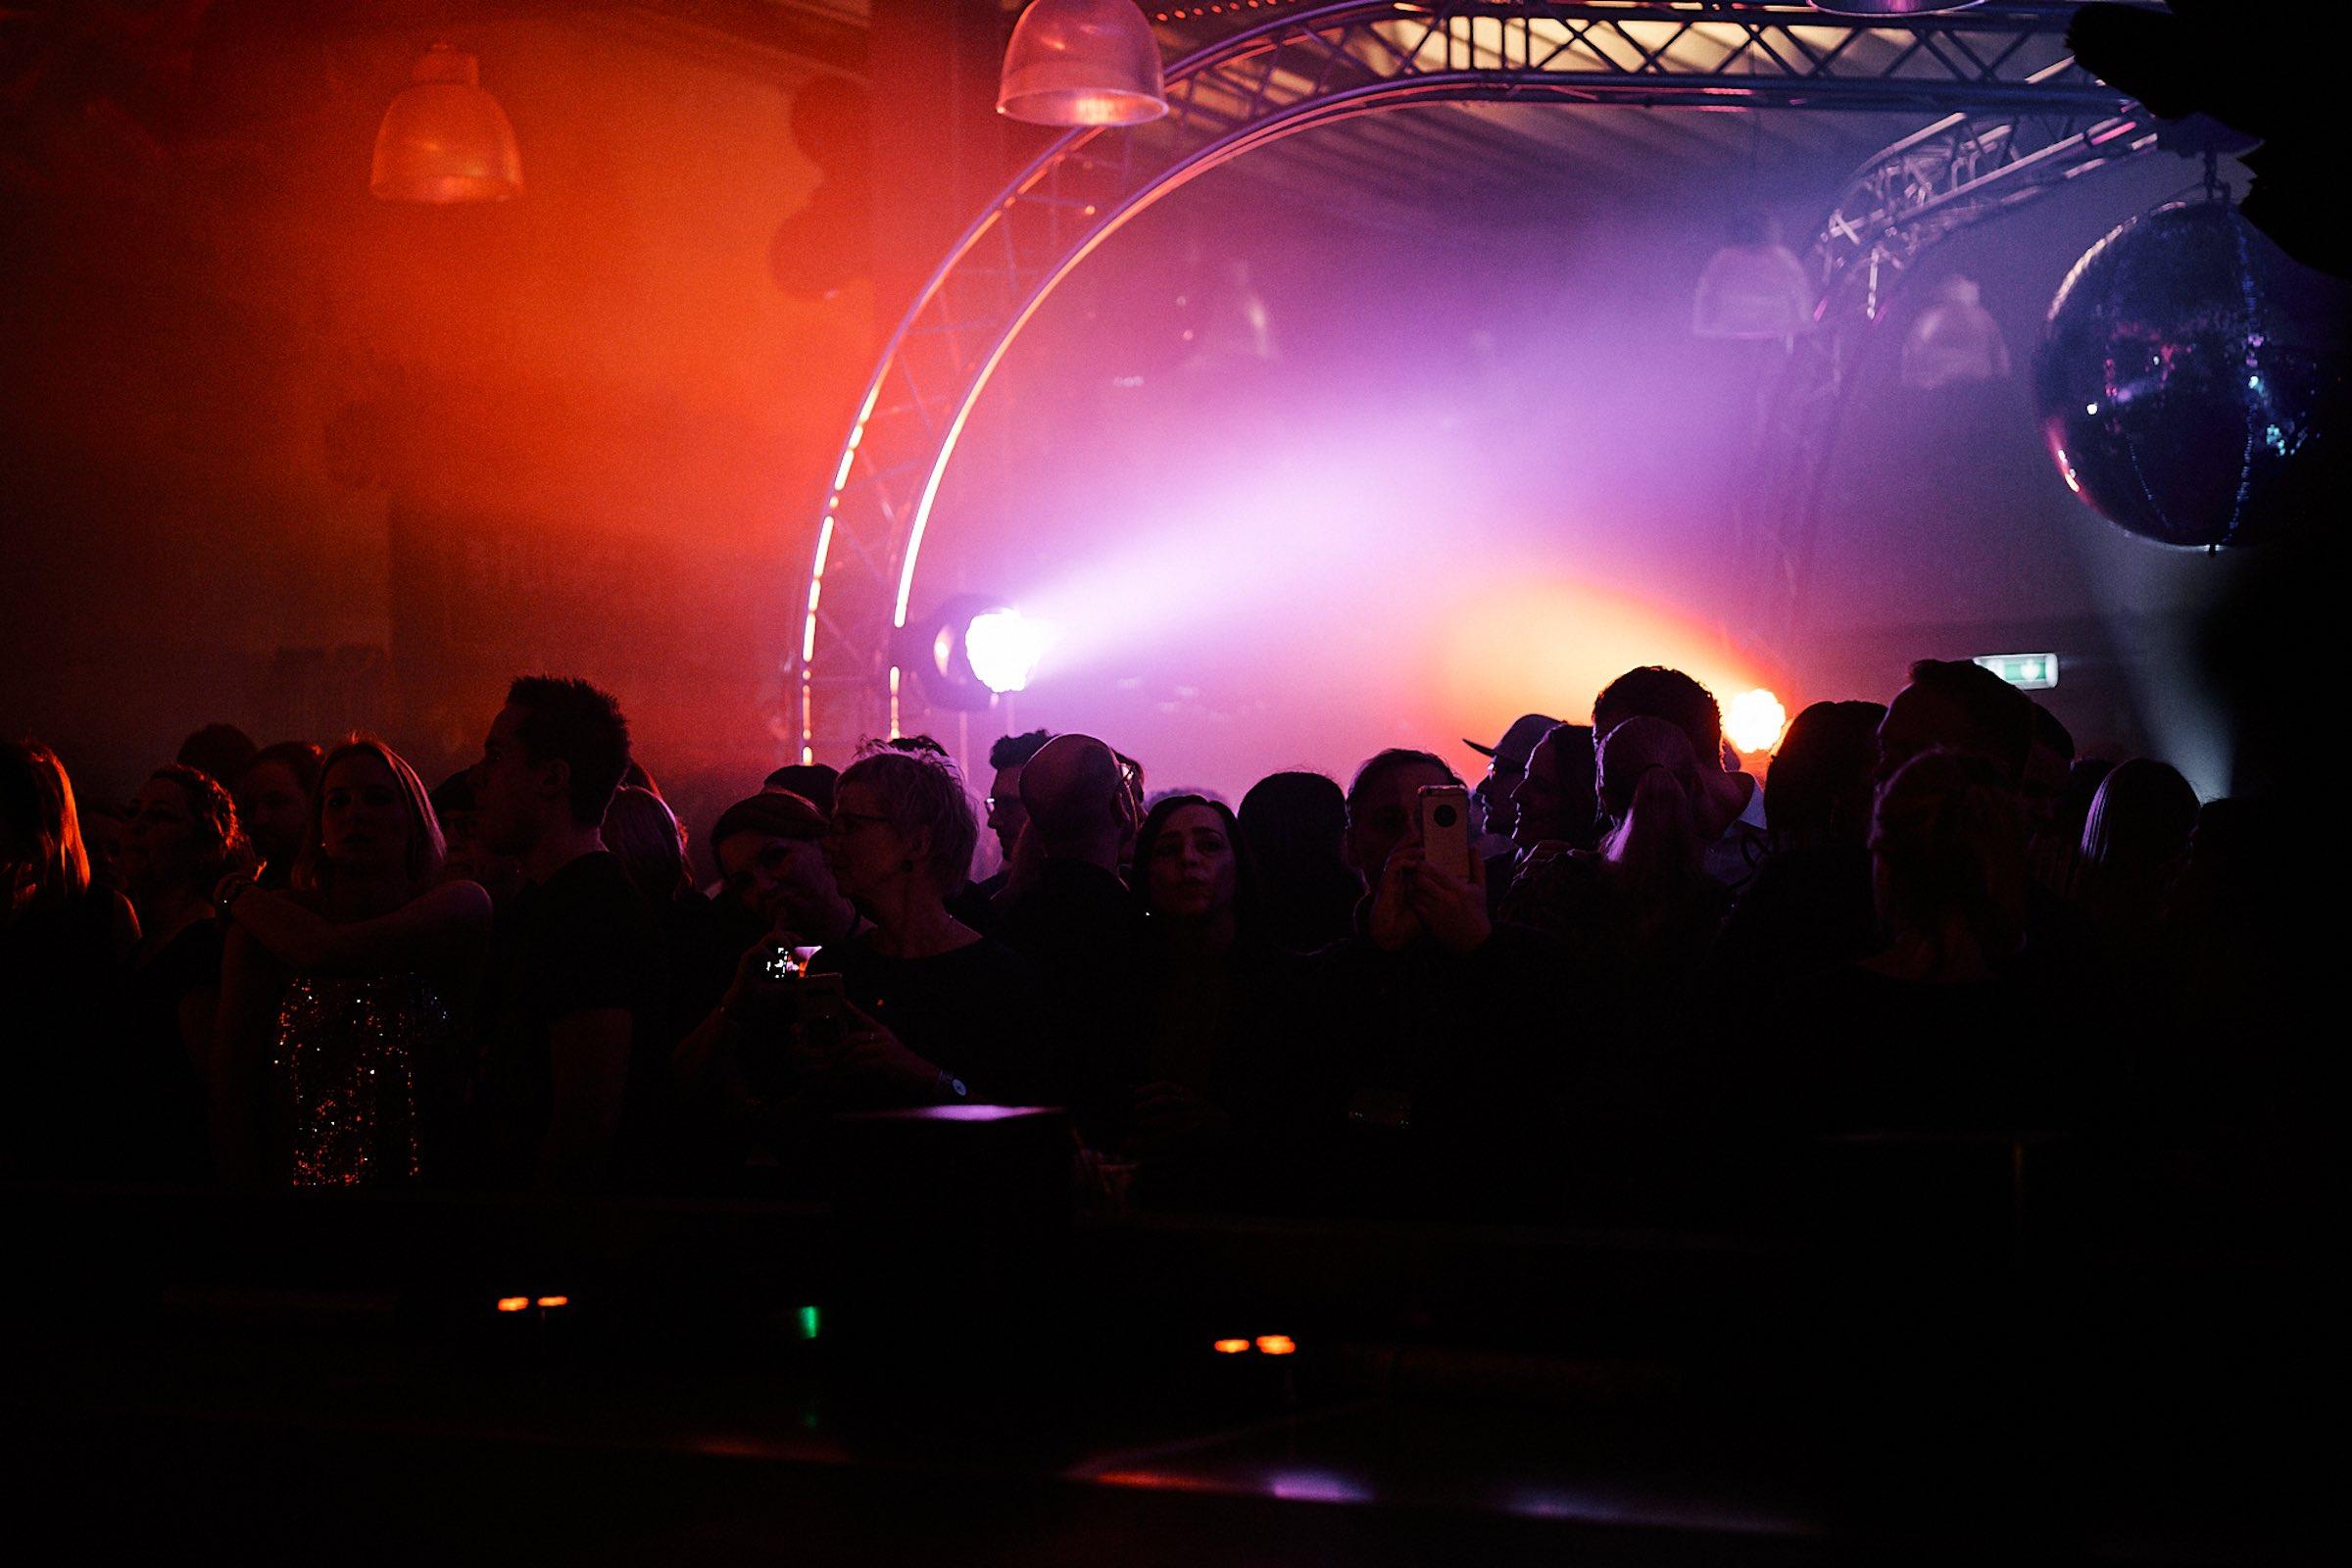 Eventtechnik | Hannover | Lichttechnik | Tontechnik | Beleuchtung | Location | Party | Feier | Gala | Show | Firmenfeier | Betriebsfeier | Lehmann | Eventservice